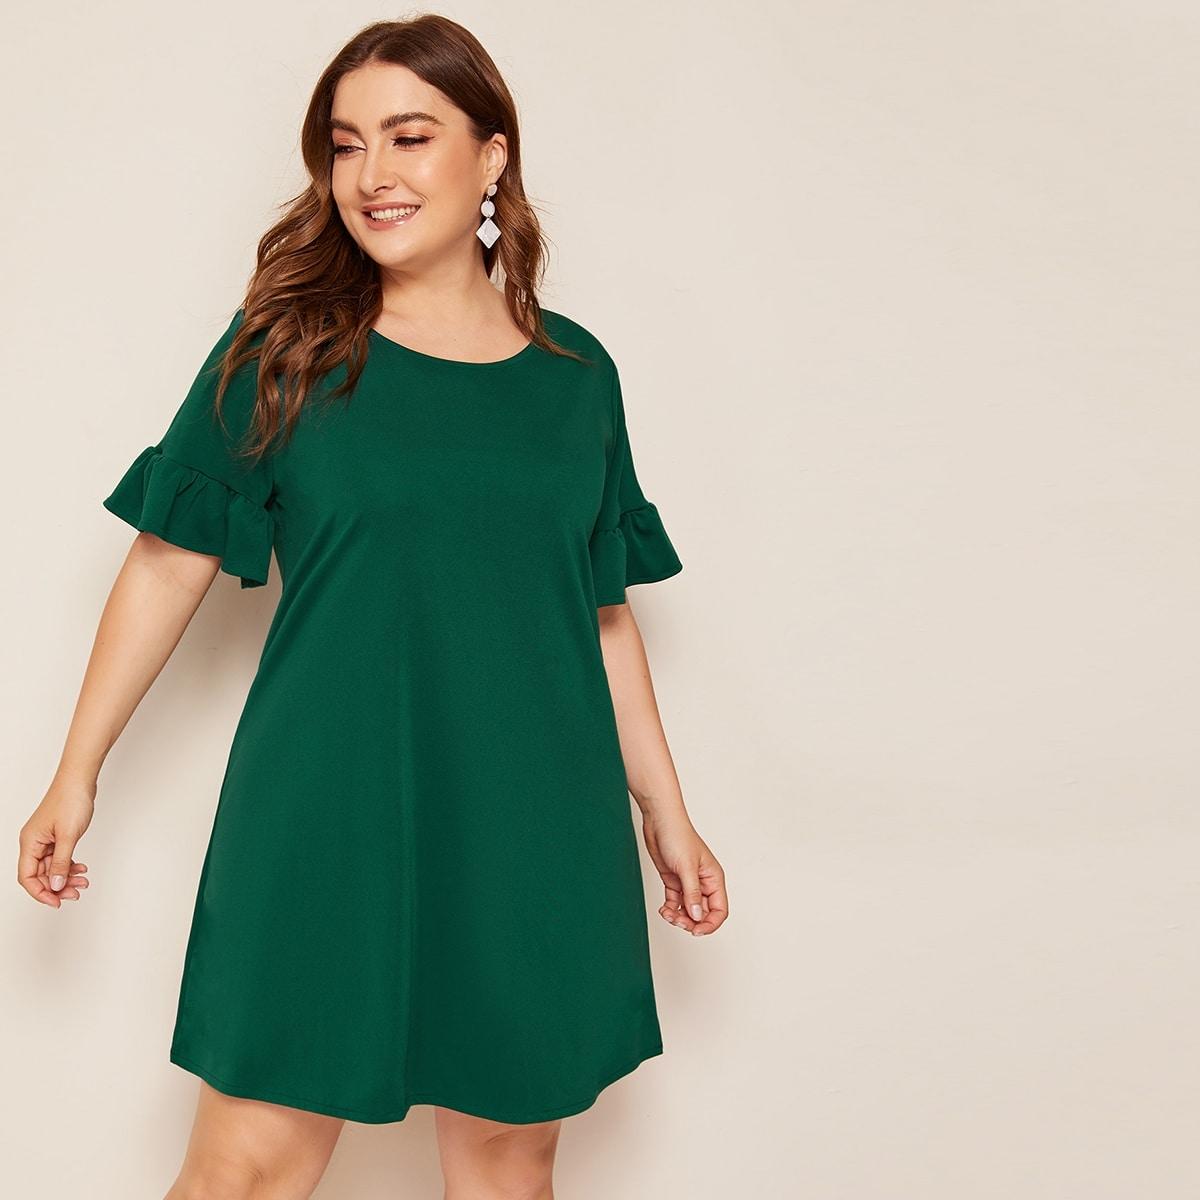 shein Groen Casual Vlak Grote maten jurken